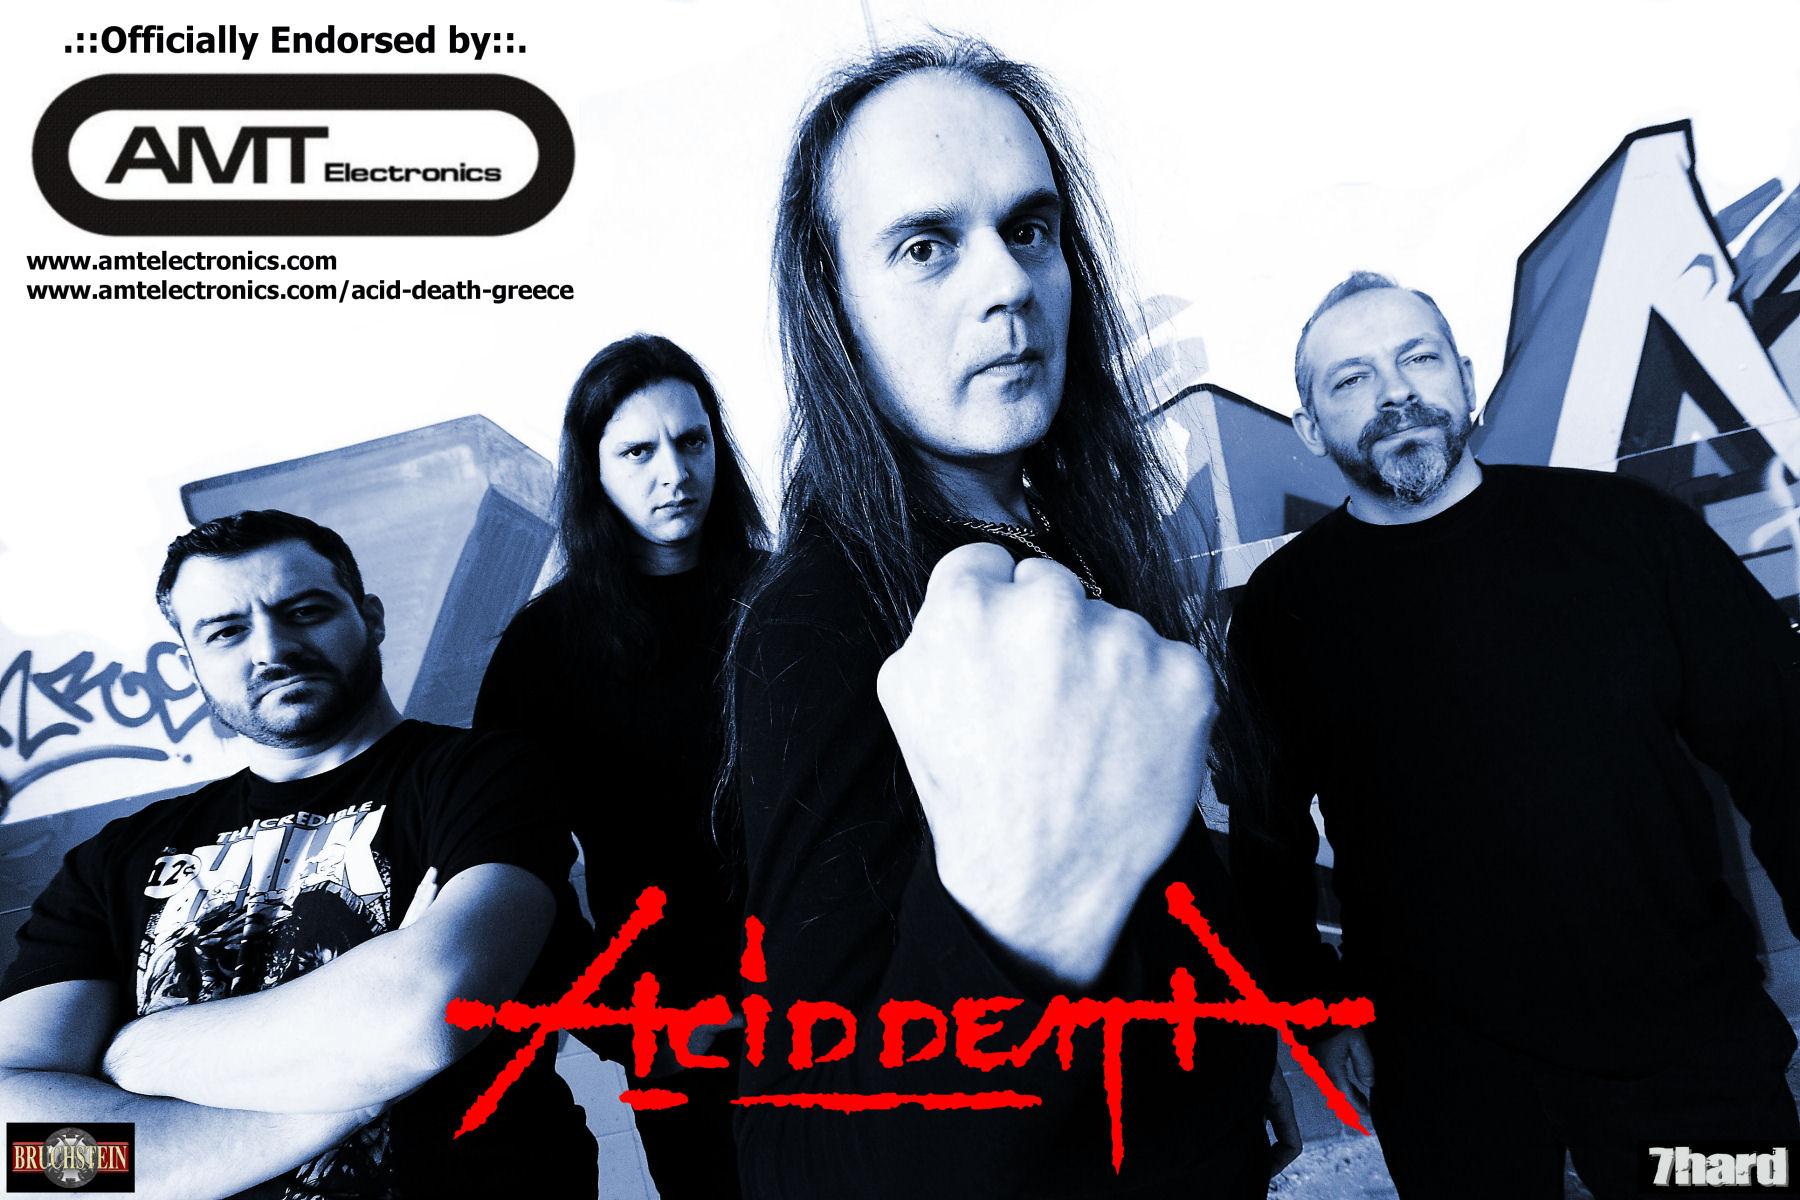 ACID DEATH - AMT